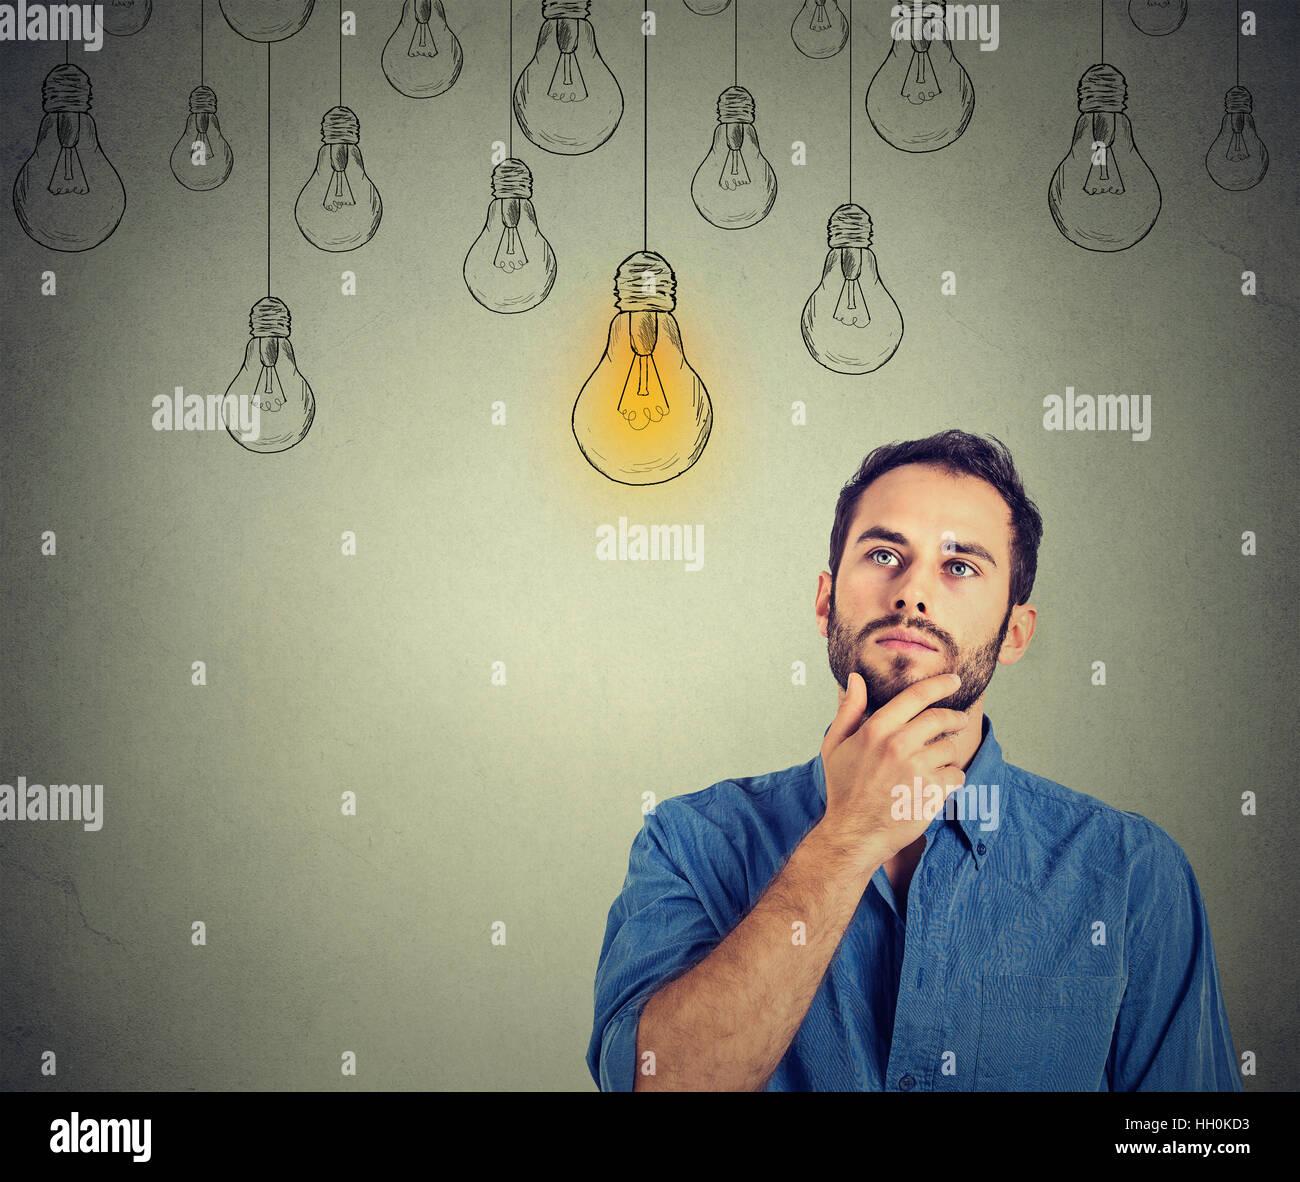 Pensée Portrait bel homme à la lampe de l'idée au-dessus de la tête isolé sur fond de mur gris Banque D'Images